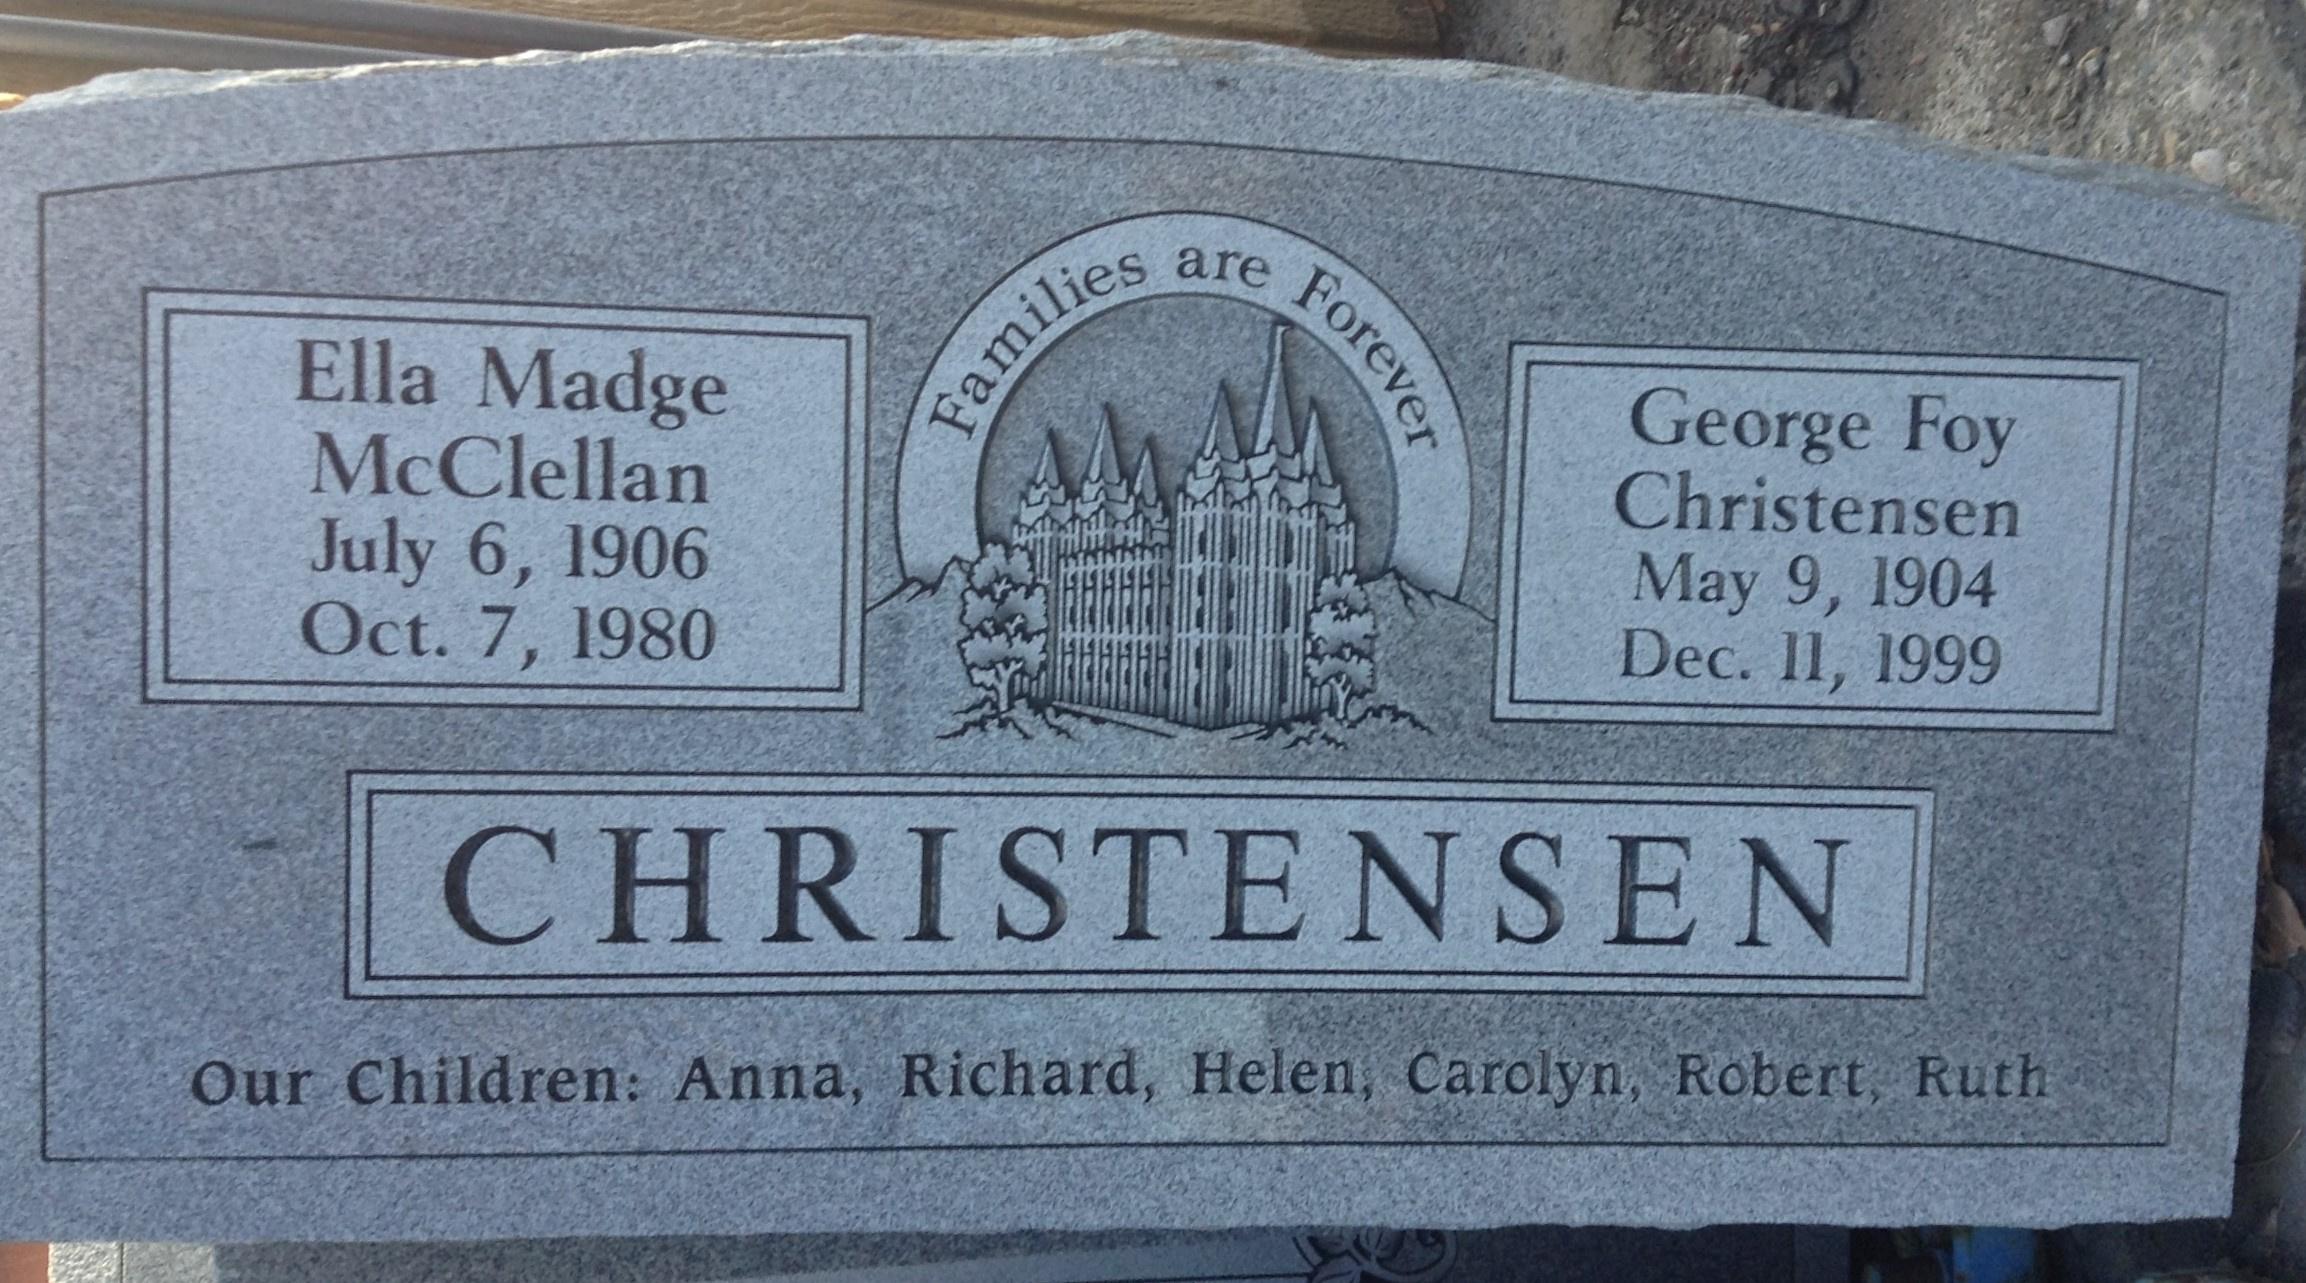 https://0201.nccdn.net/4_2/000/000/05e/0e7/19352-Christensen-2306x1283.jpg